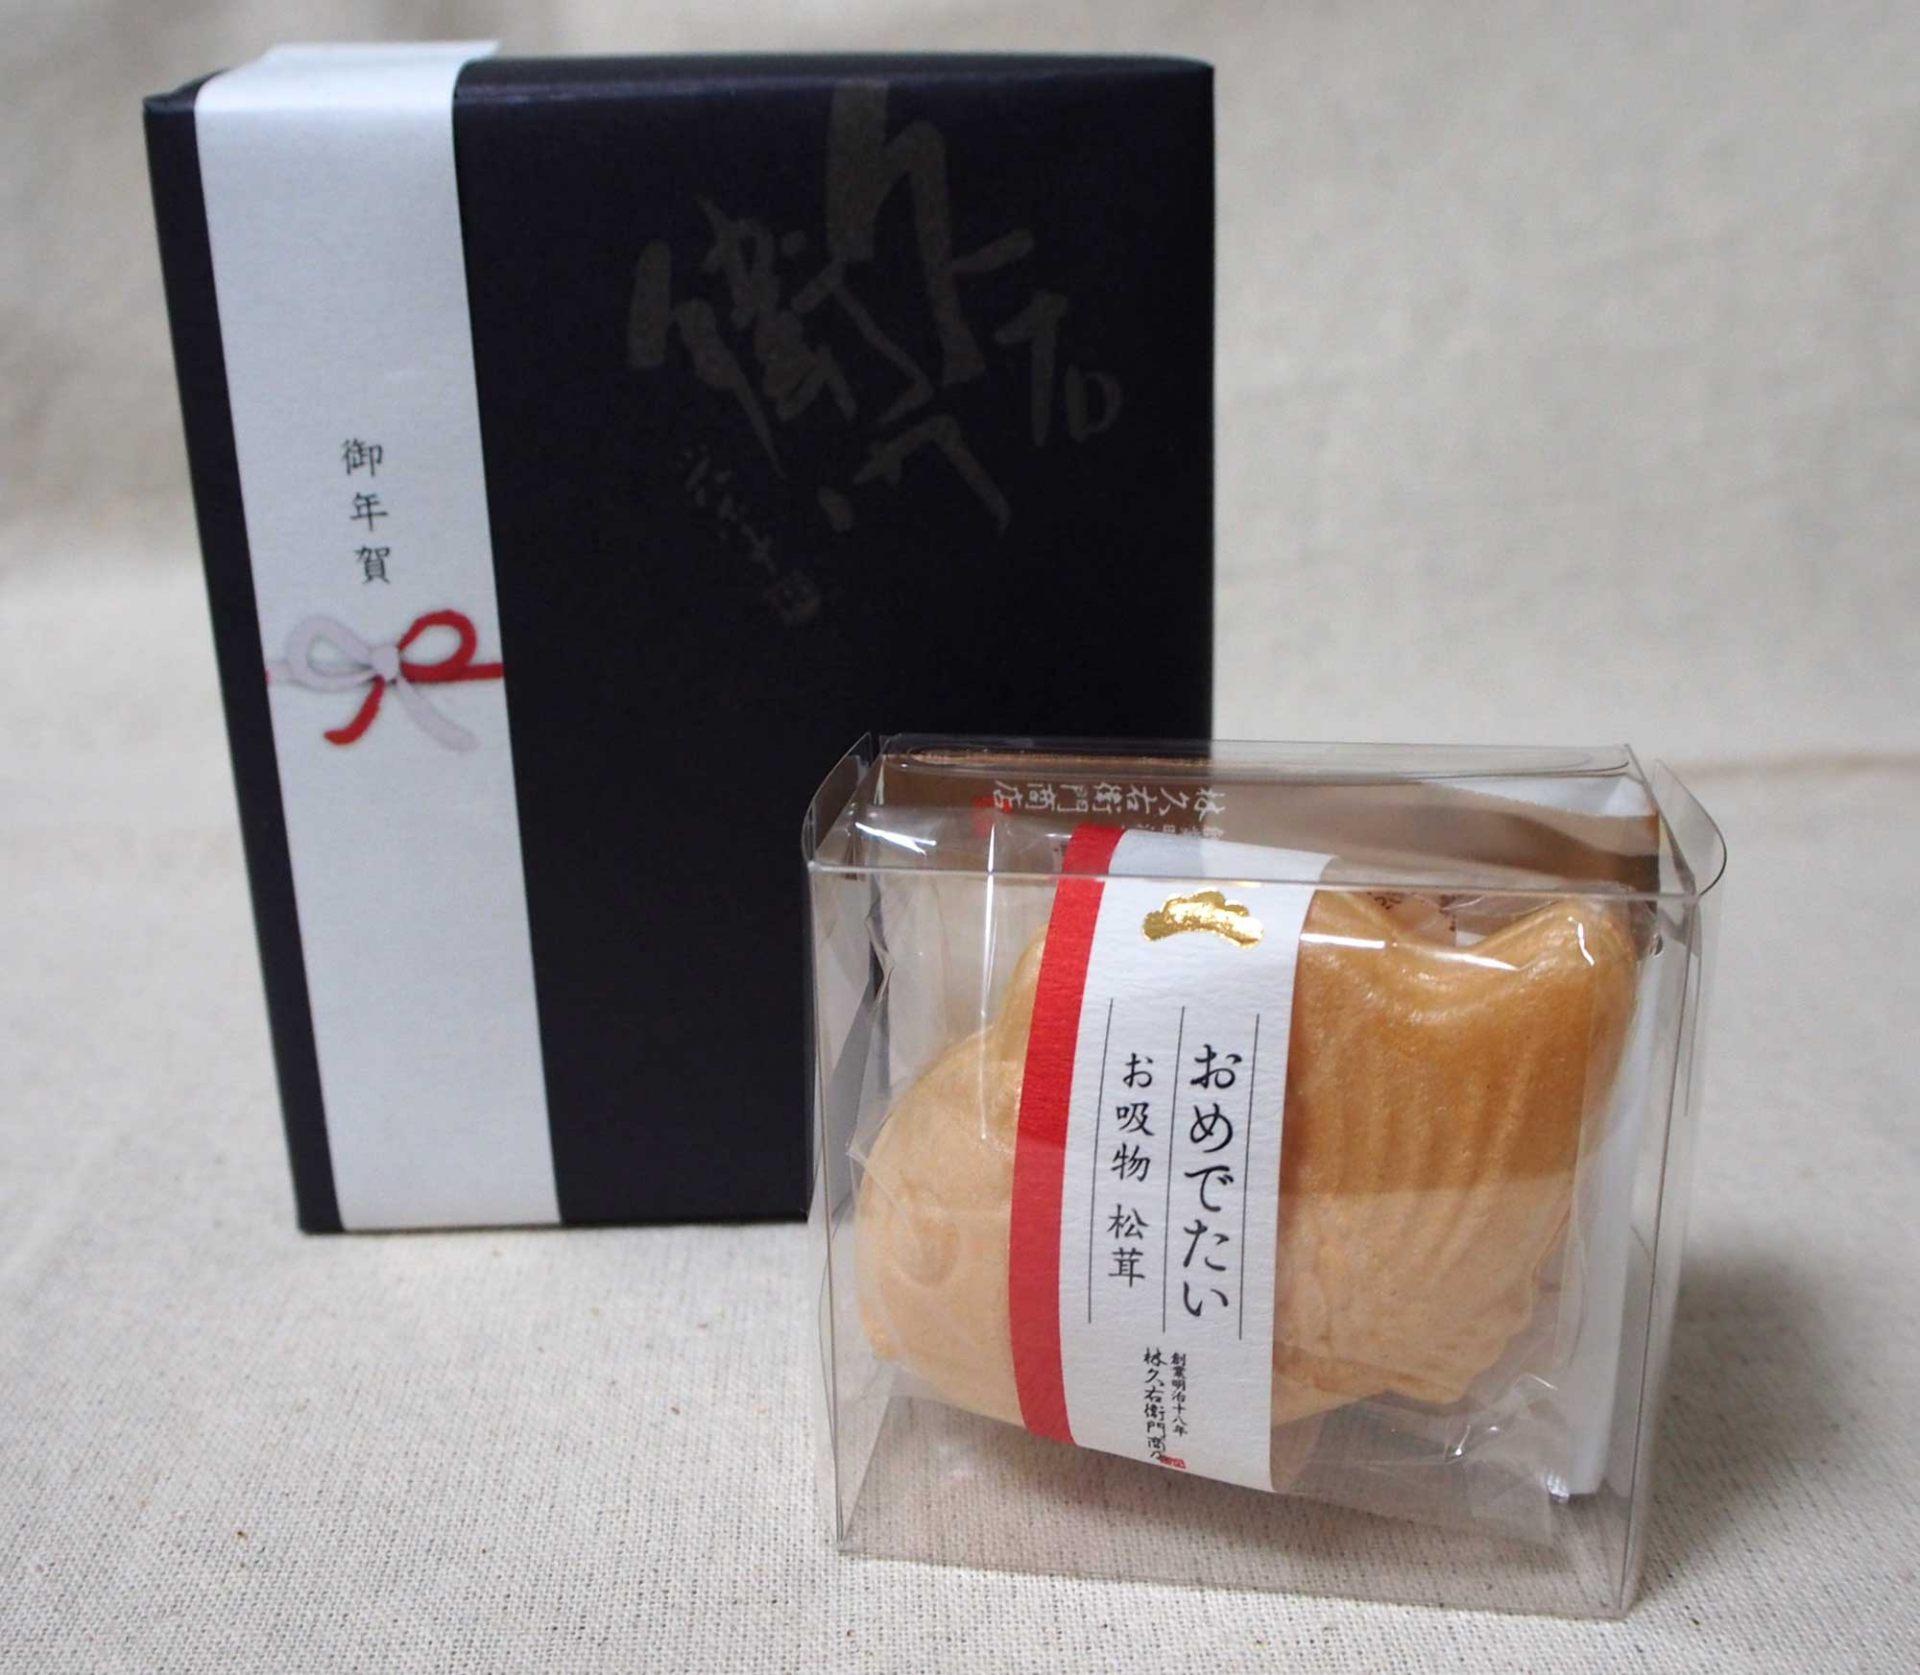 【林久右衛門】推出的喜慶禮品「可喜可賀湯」。